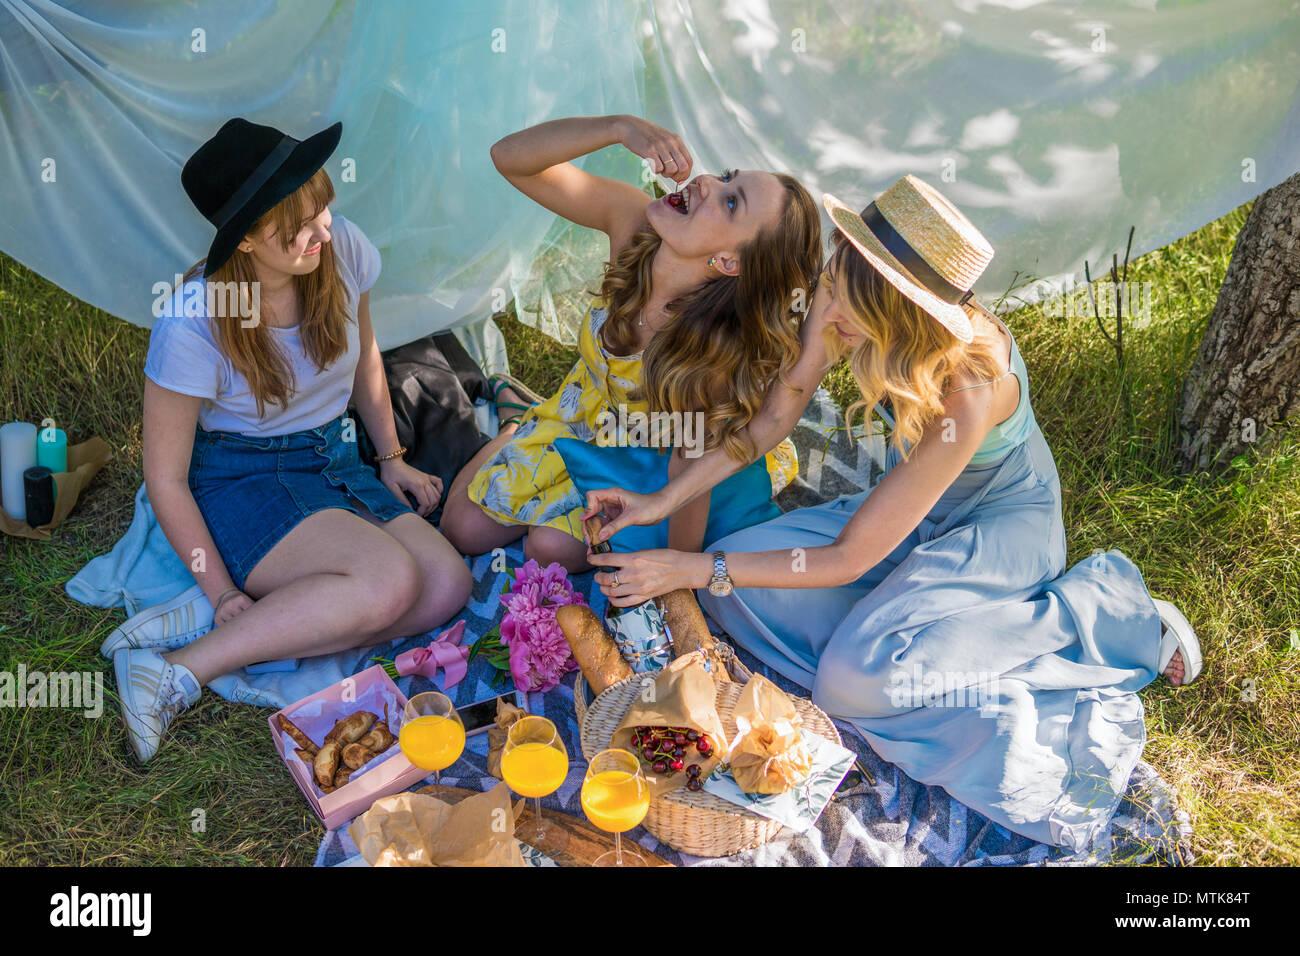 Groupe de filles faisant des amis de plein air pique-nique Photo Stock